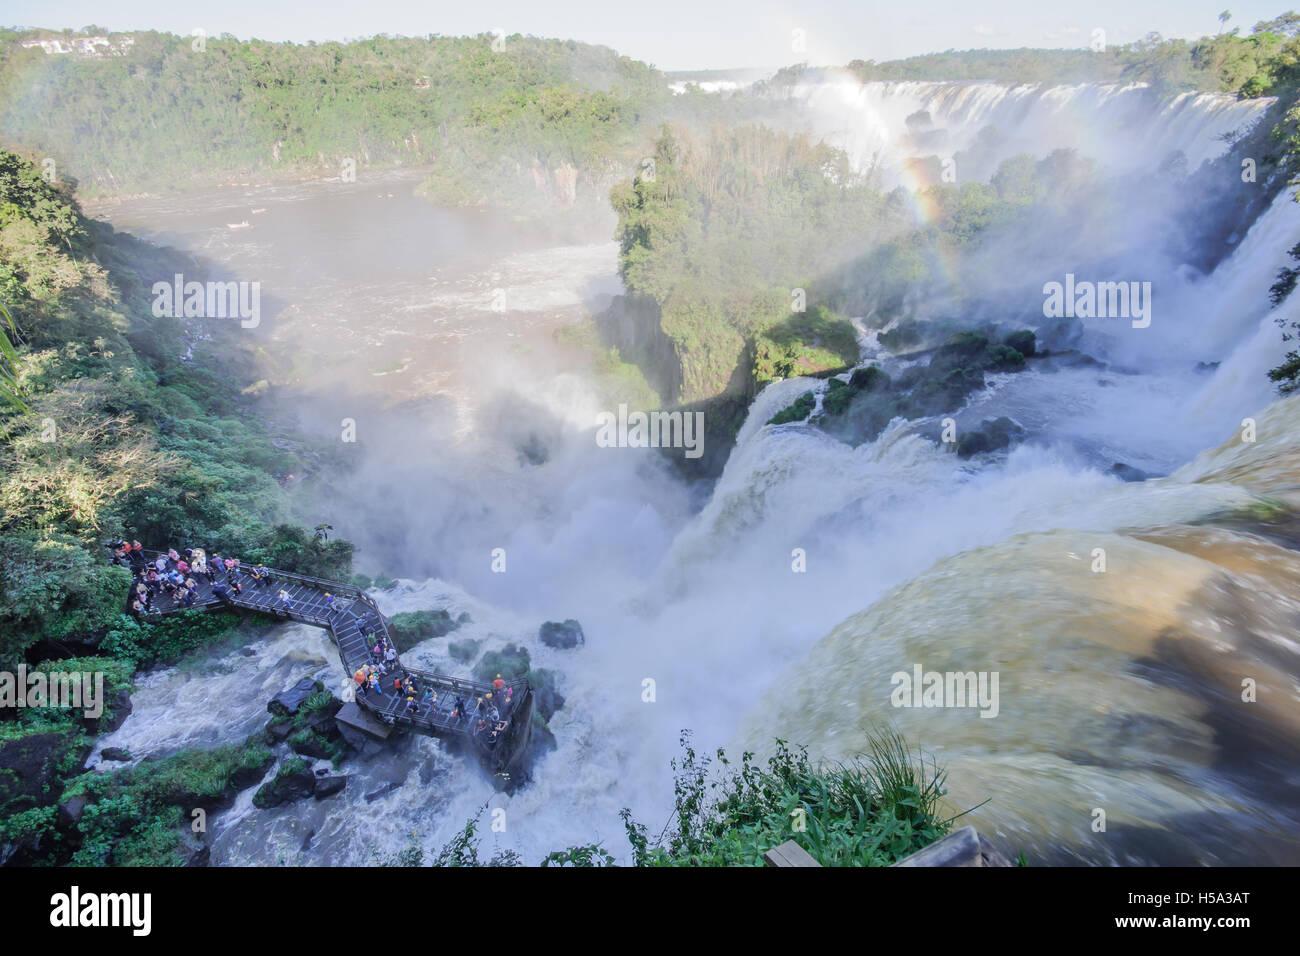 Parc National d'Iguaçu, à la frontière de l'Argentine et le Brésil. Côté argentin Banque D'Images